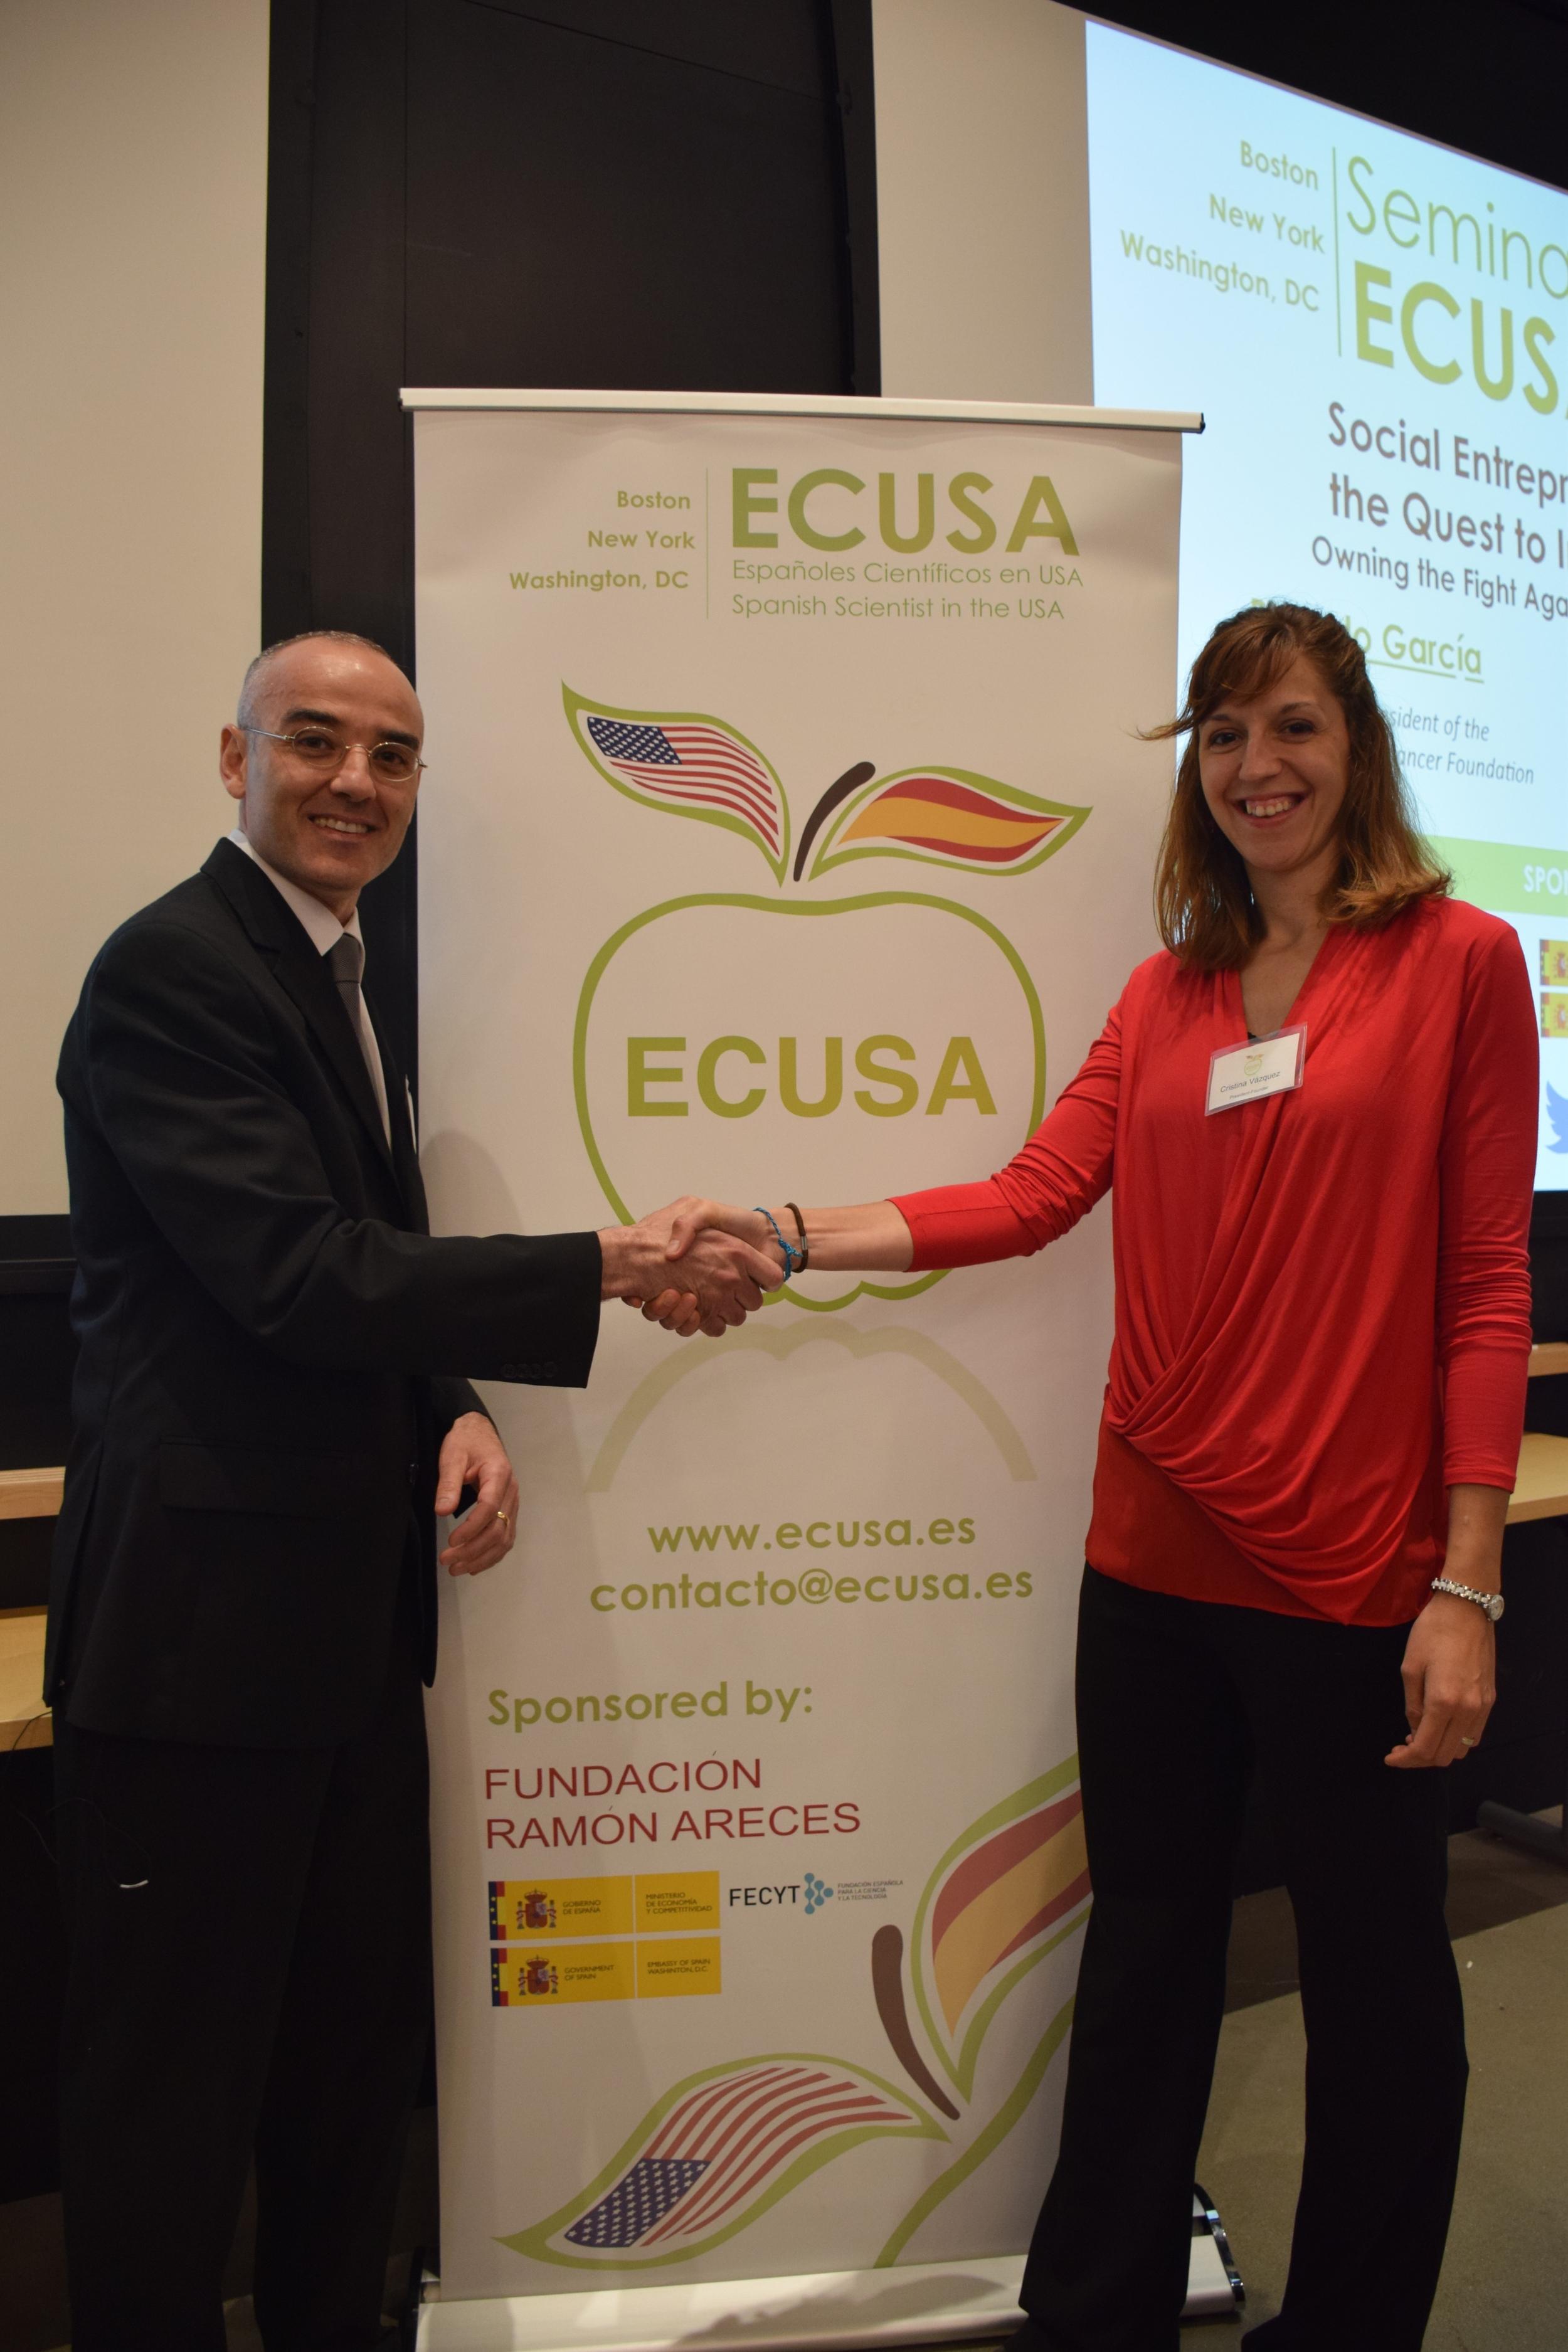 Ricardo García (Presidente de la Fundación Richi) y Crisitna Vazquez (presidenta de ECUSA-Boston) durante el evento celebrado el pasado 2 de junio.